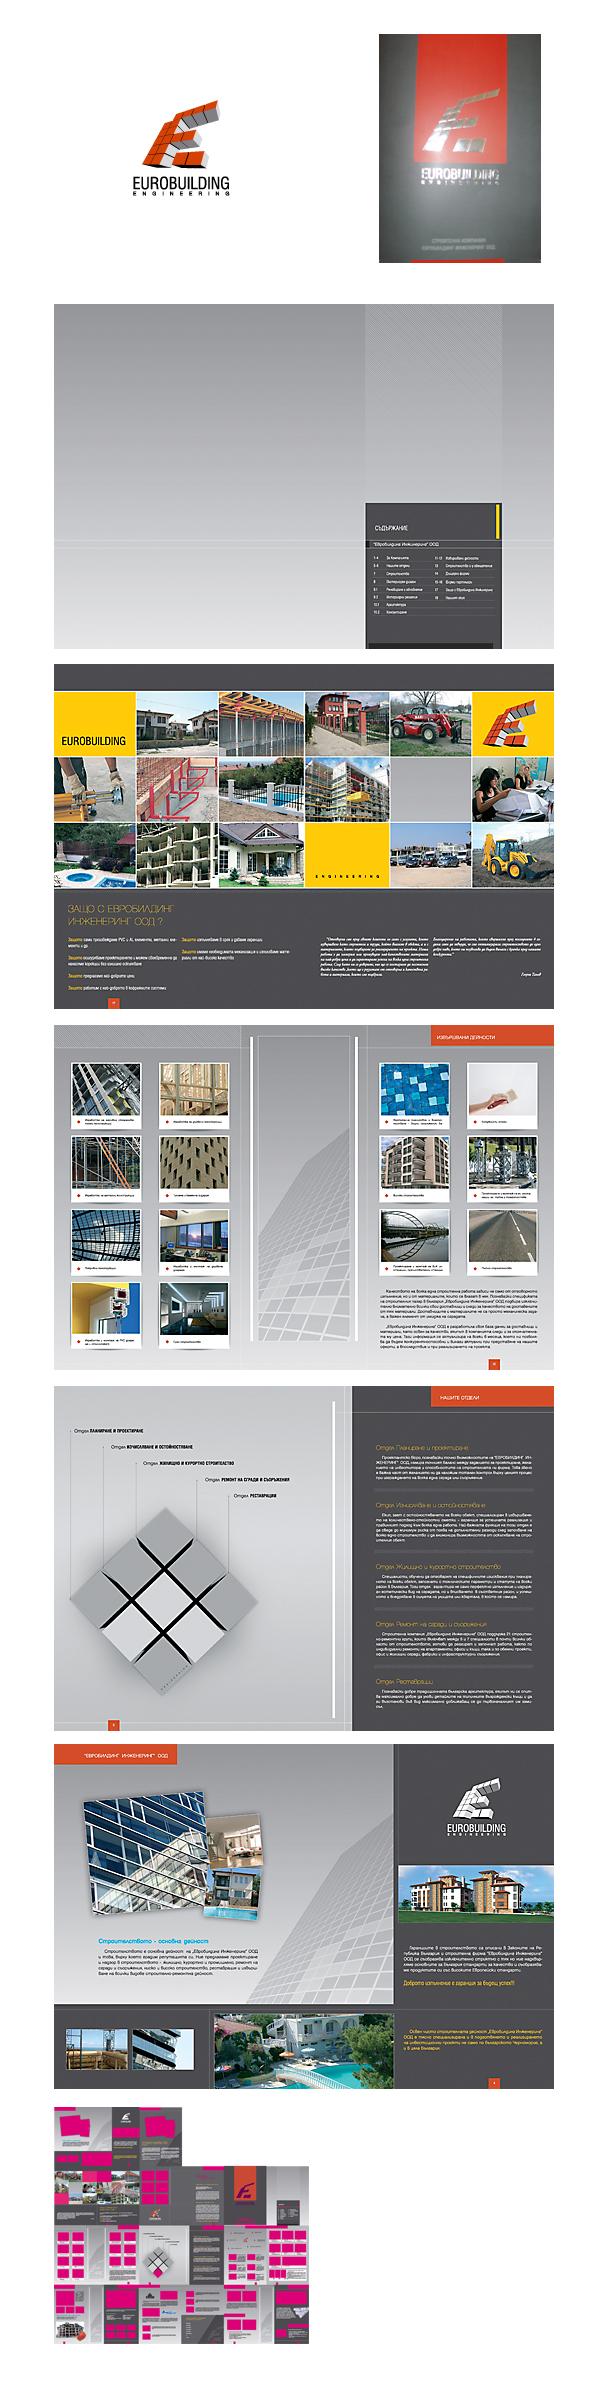 RGB.vn Hình ảnh - Công cụ truyền thông thị giác hiệu quả